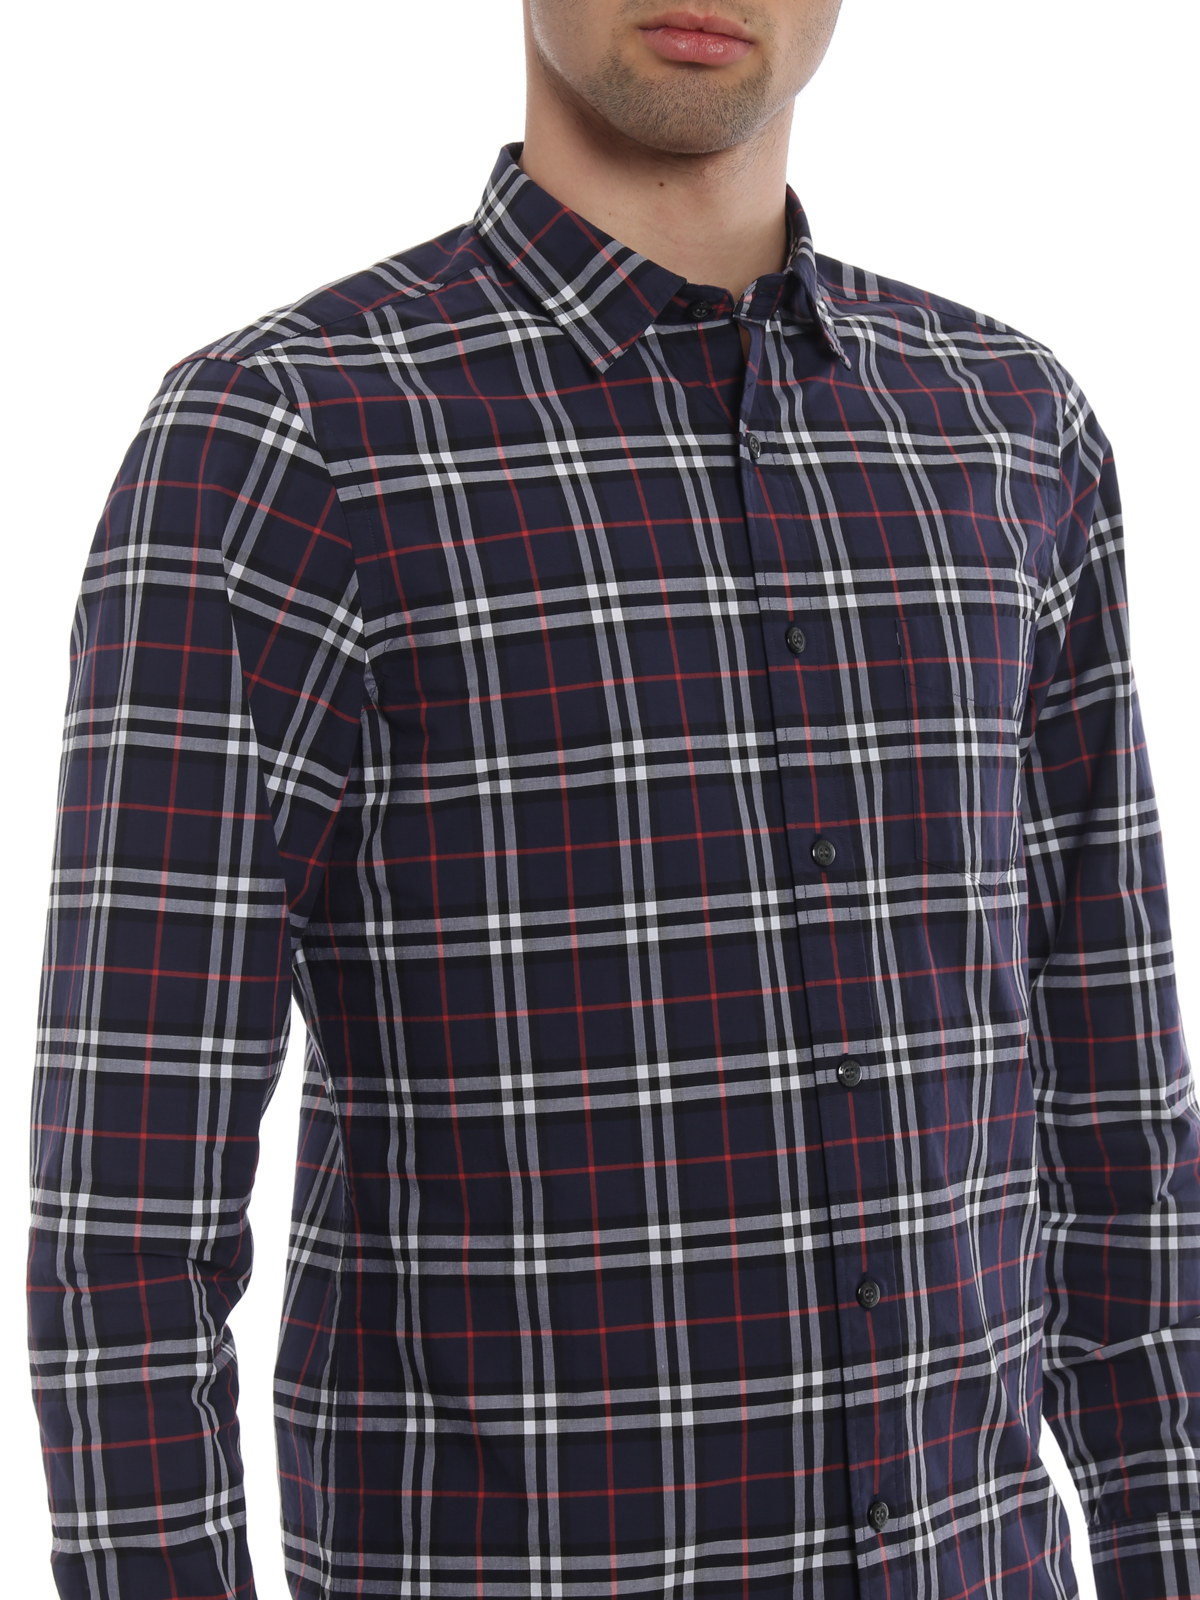 ce2a9c2d78 Burberry - Camicia Alexander cotone Check navy - camicie - 4061812